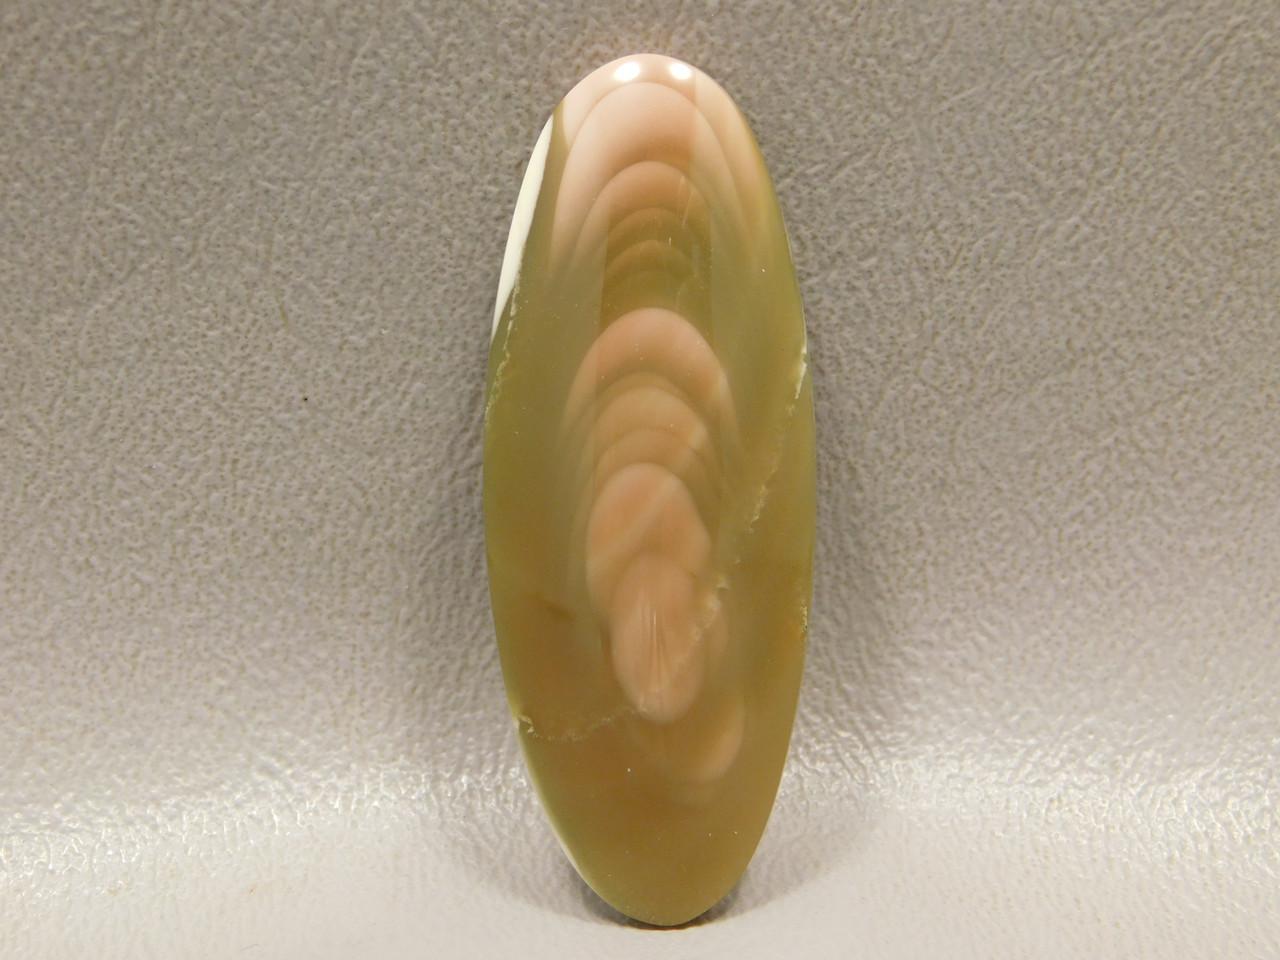 Royal Imperial Jasper Semiprecious Gemstone Cabochon #14